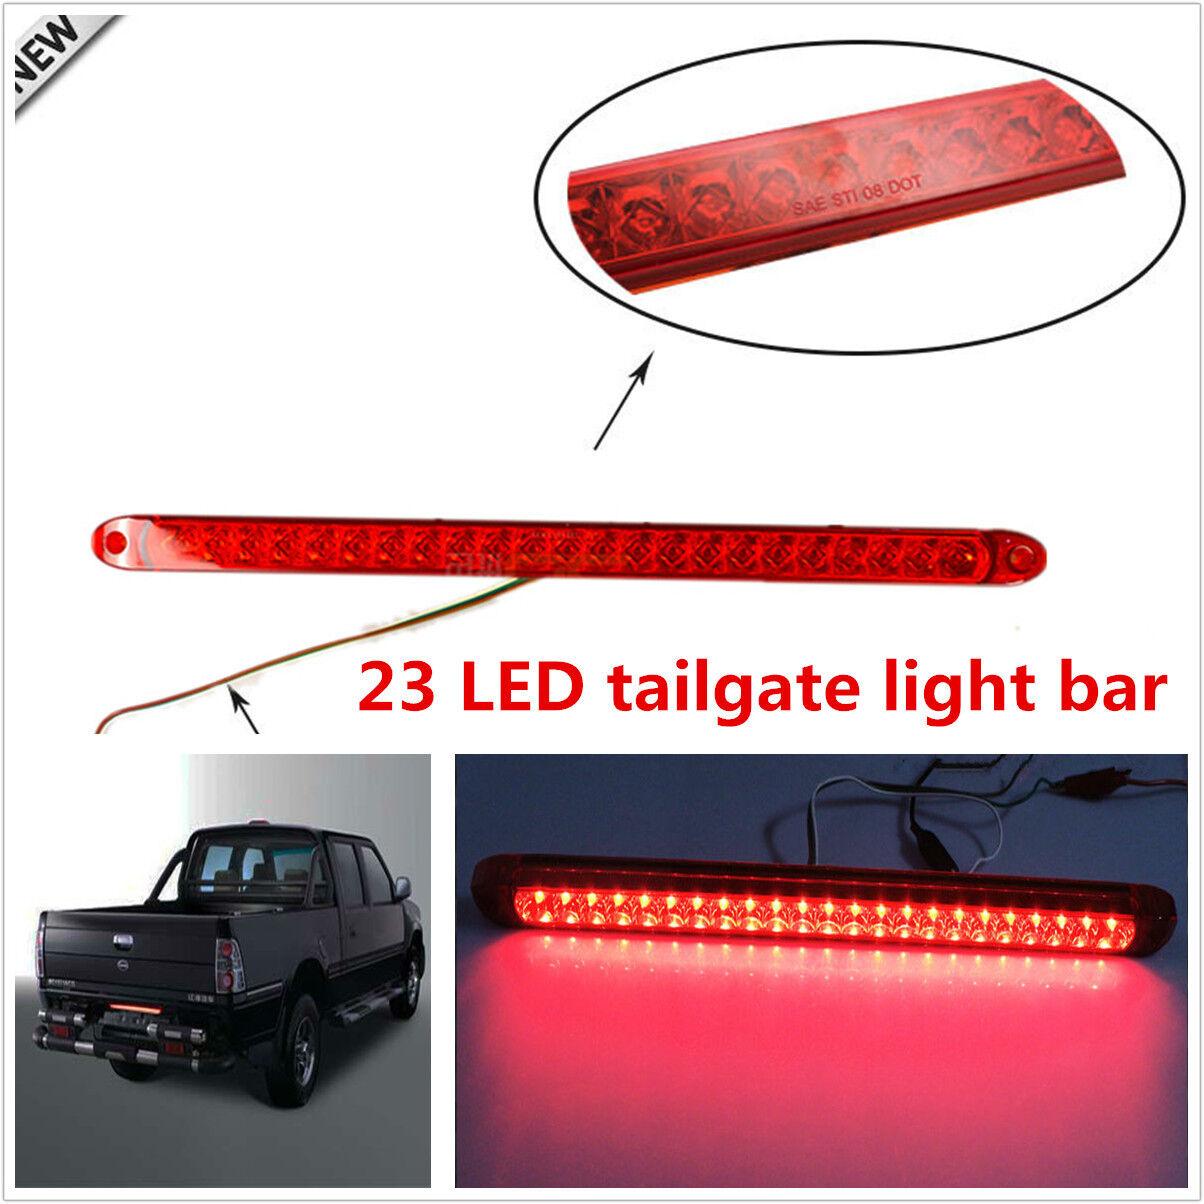 1pcs New Car Truck 23LED Red Light Tailgate Light Bar Tail Brake Light Functions